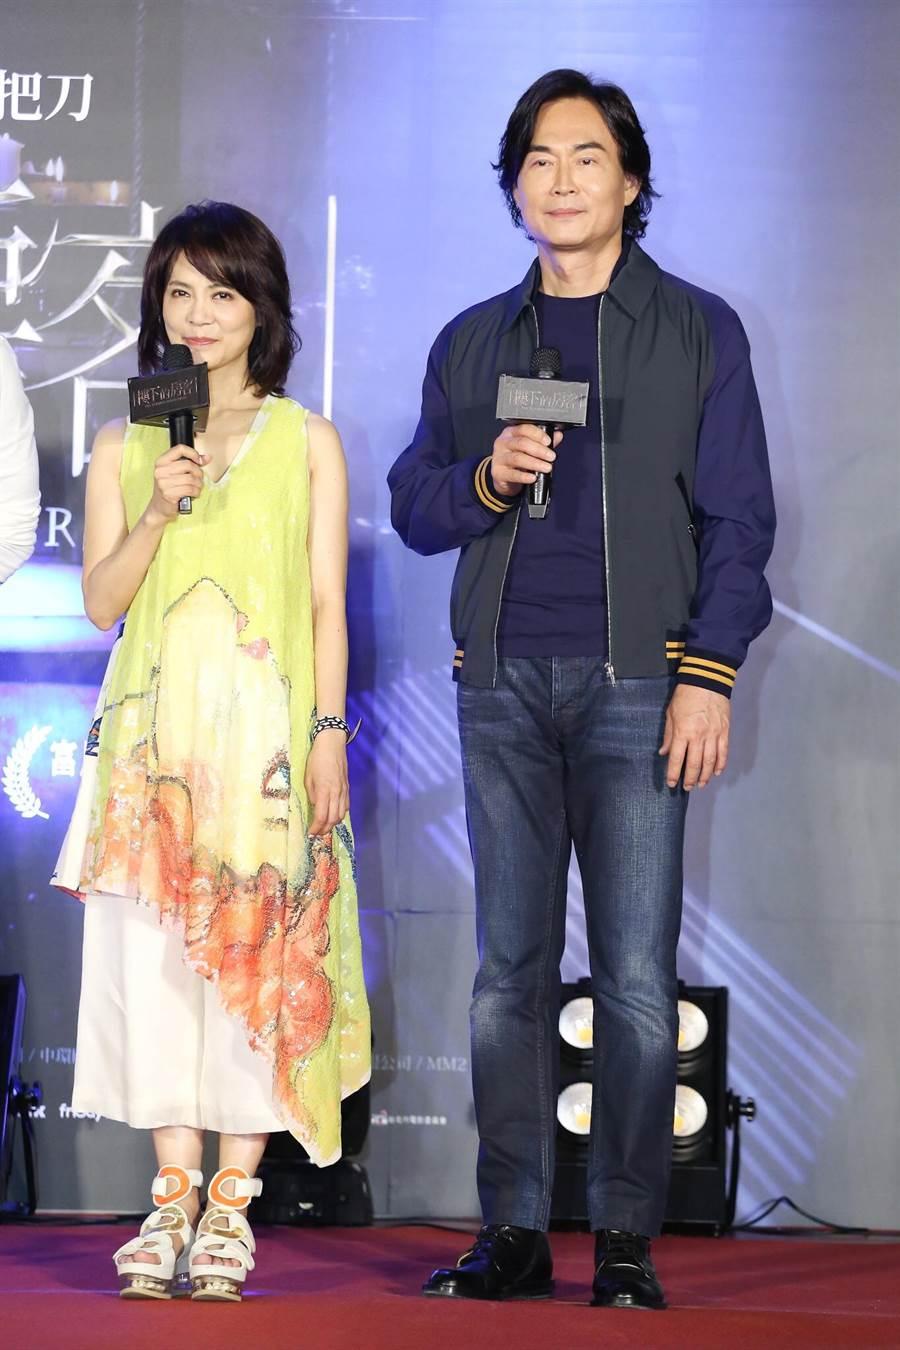 柴智屏(右)與男友崔震東是演藝圈資深金童玉女,過去常以合作夥伴身份一起公開亮相。(資料照)